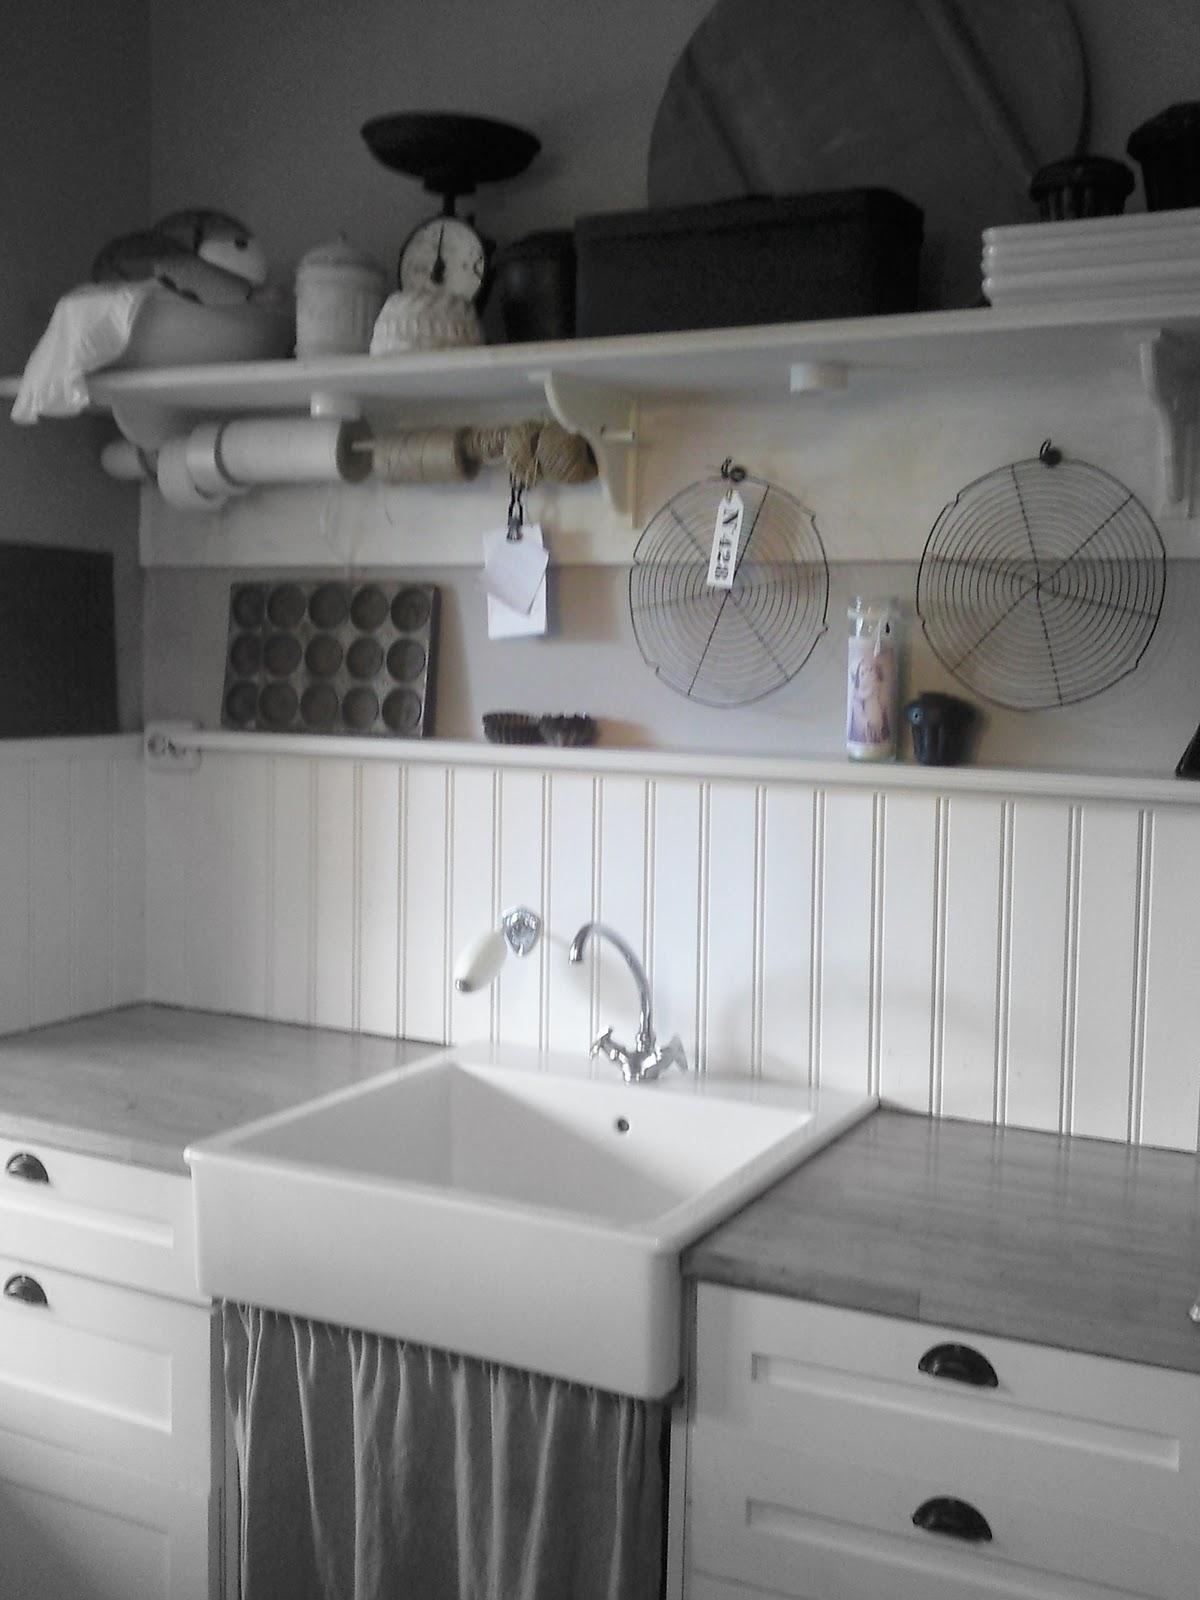 Witte Keuken Spoelbak: Hippo architecten om meer diepte in de ...